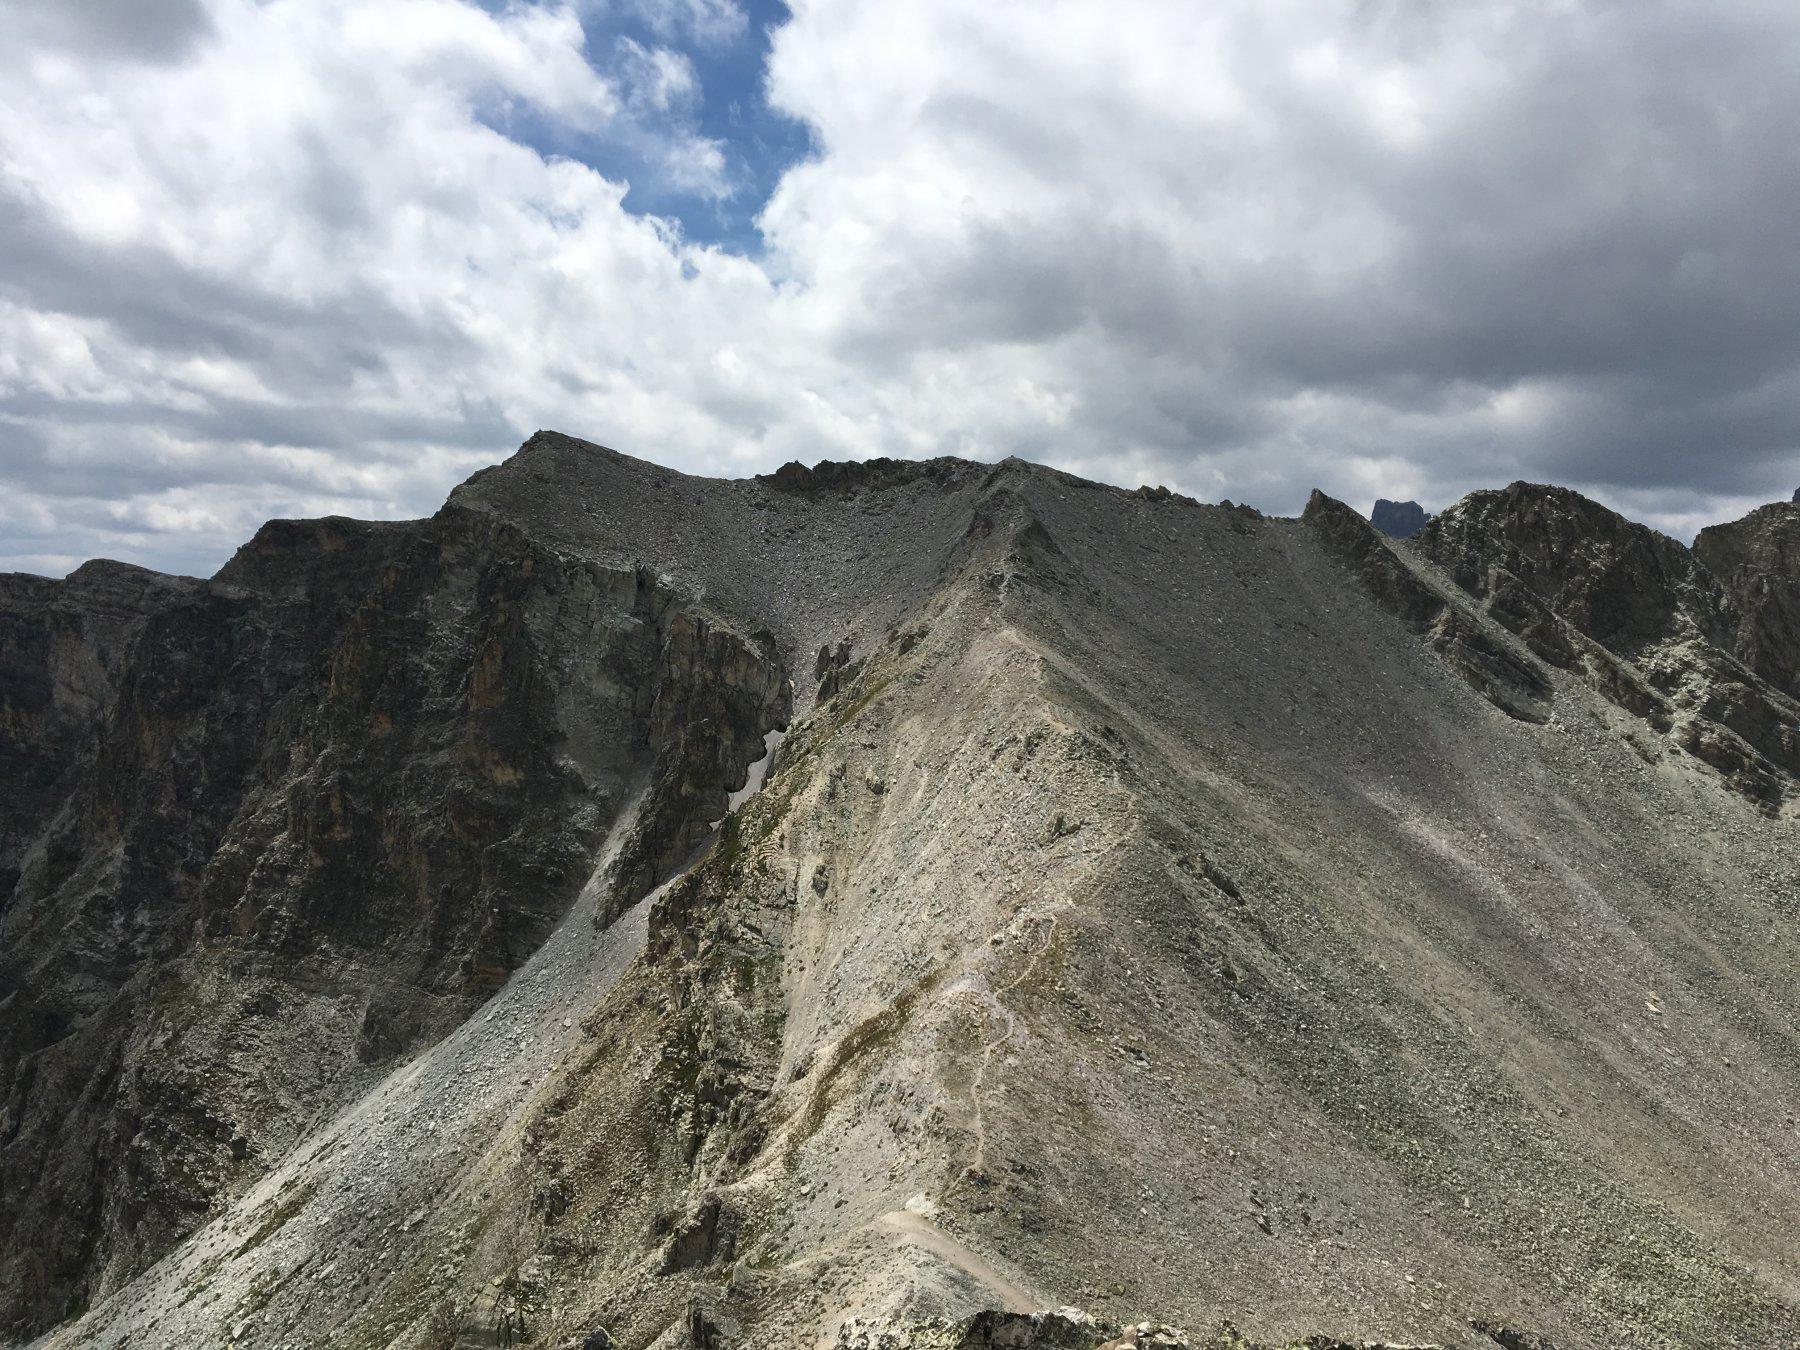 Dal Ciabrera, vista sul Cialancion, a sinistra, con l'evidente sentiero di salita